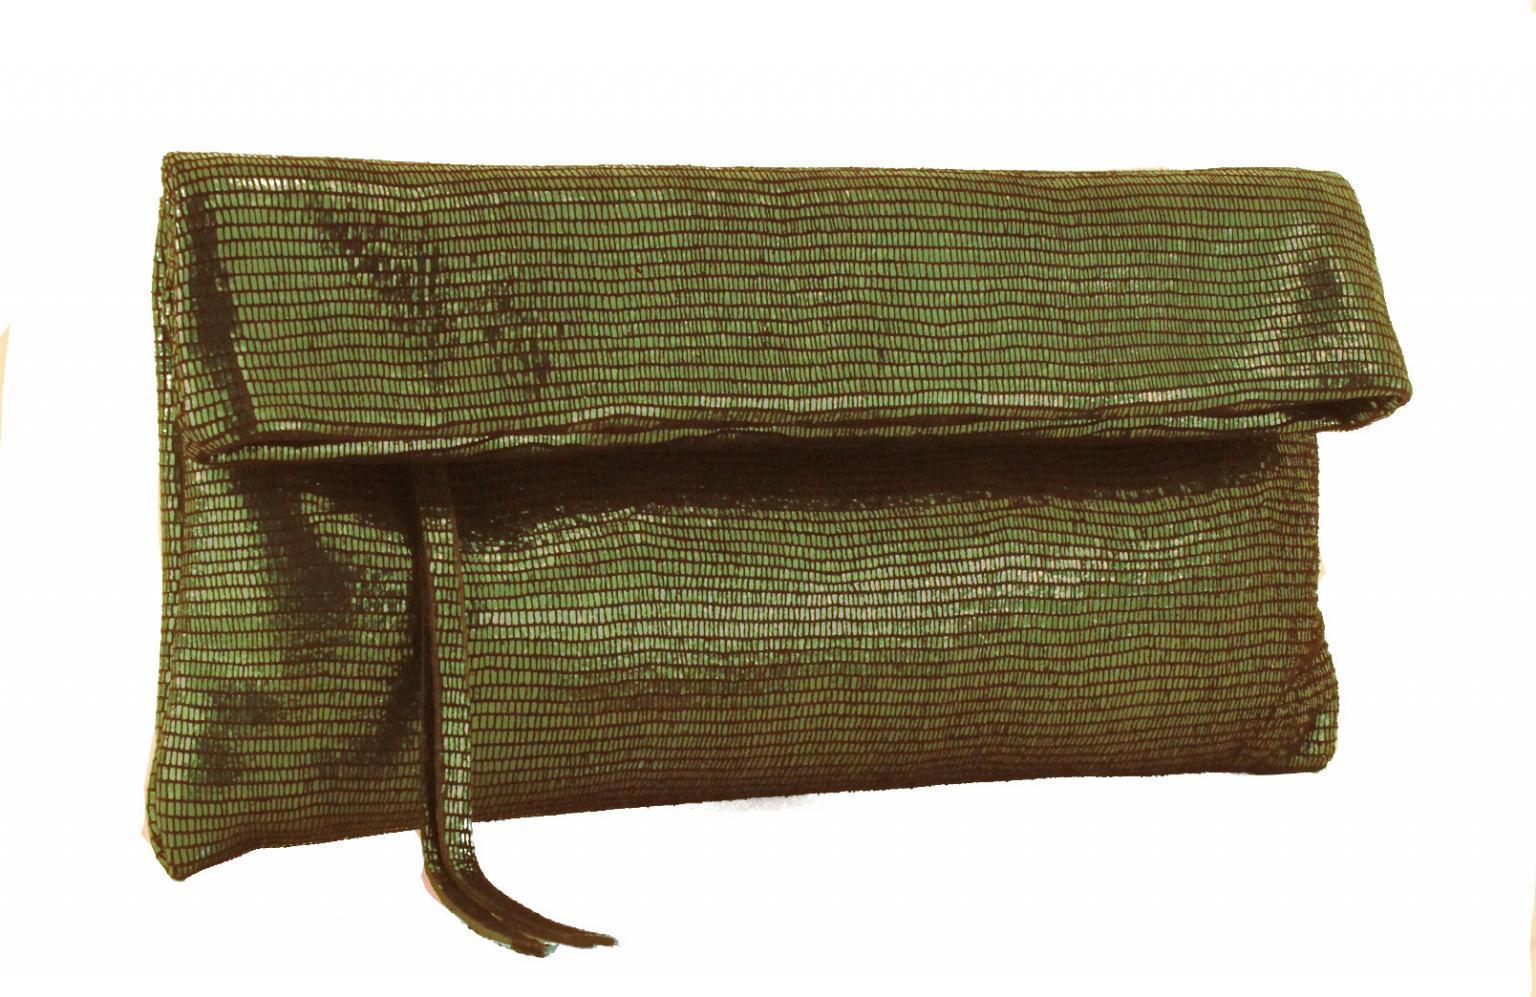 Gianni Chiarini Clutch Klapptasche Bottle grün Schimmer